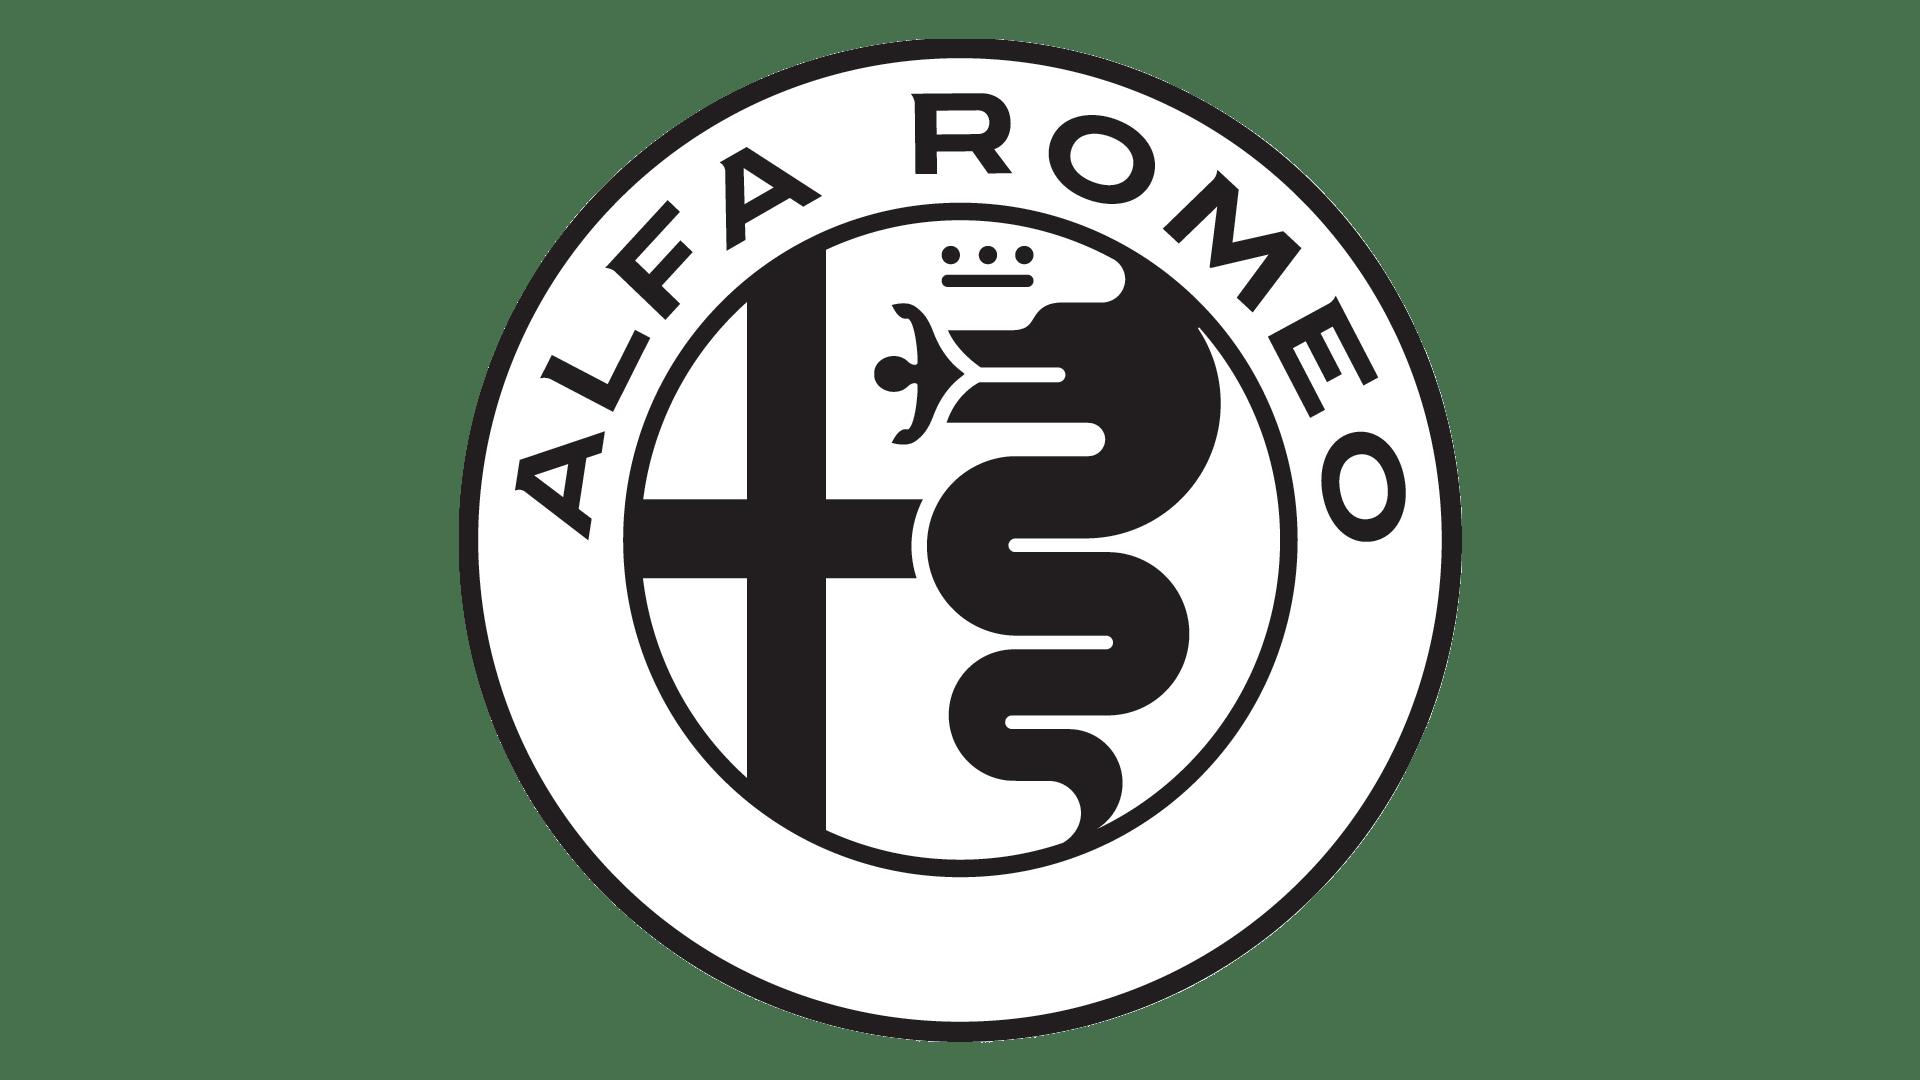 Alfa Romeo PNG images free download